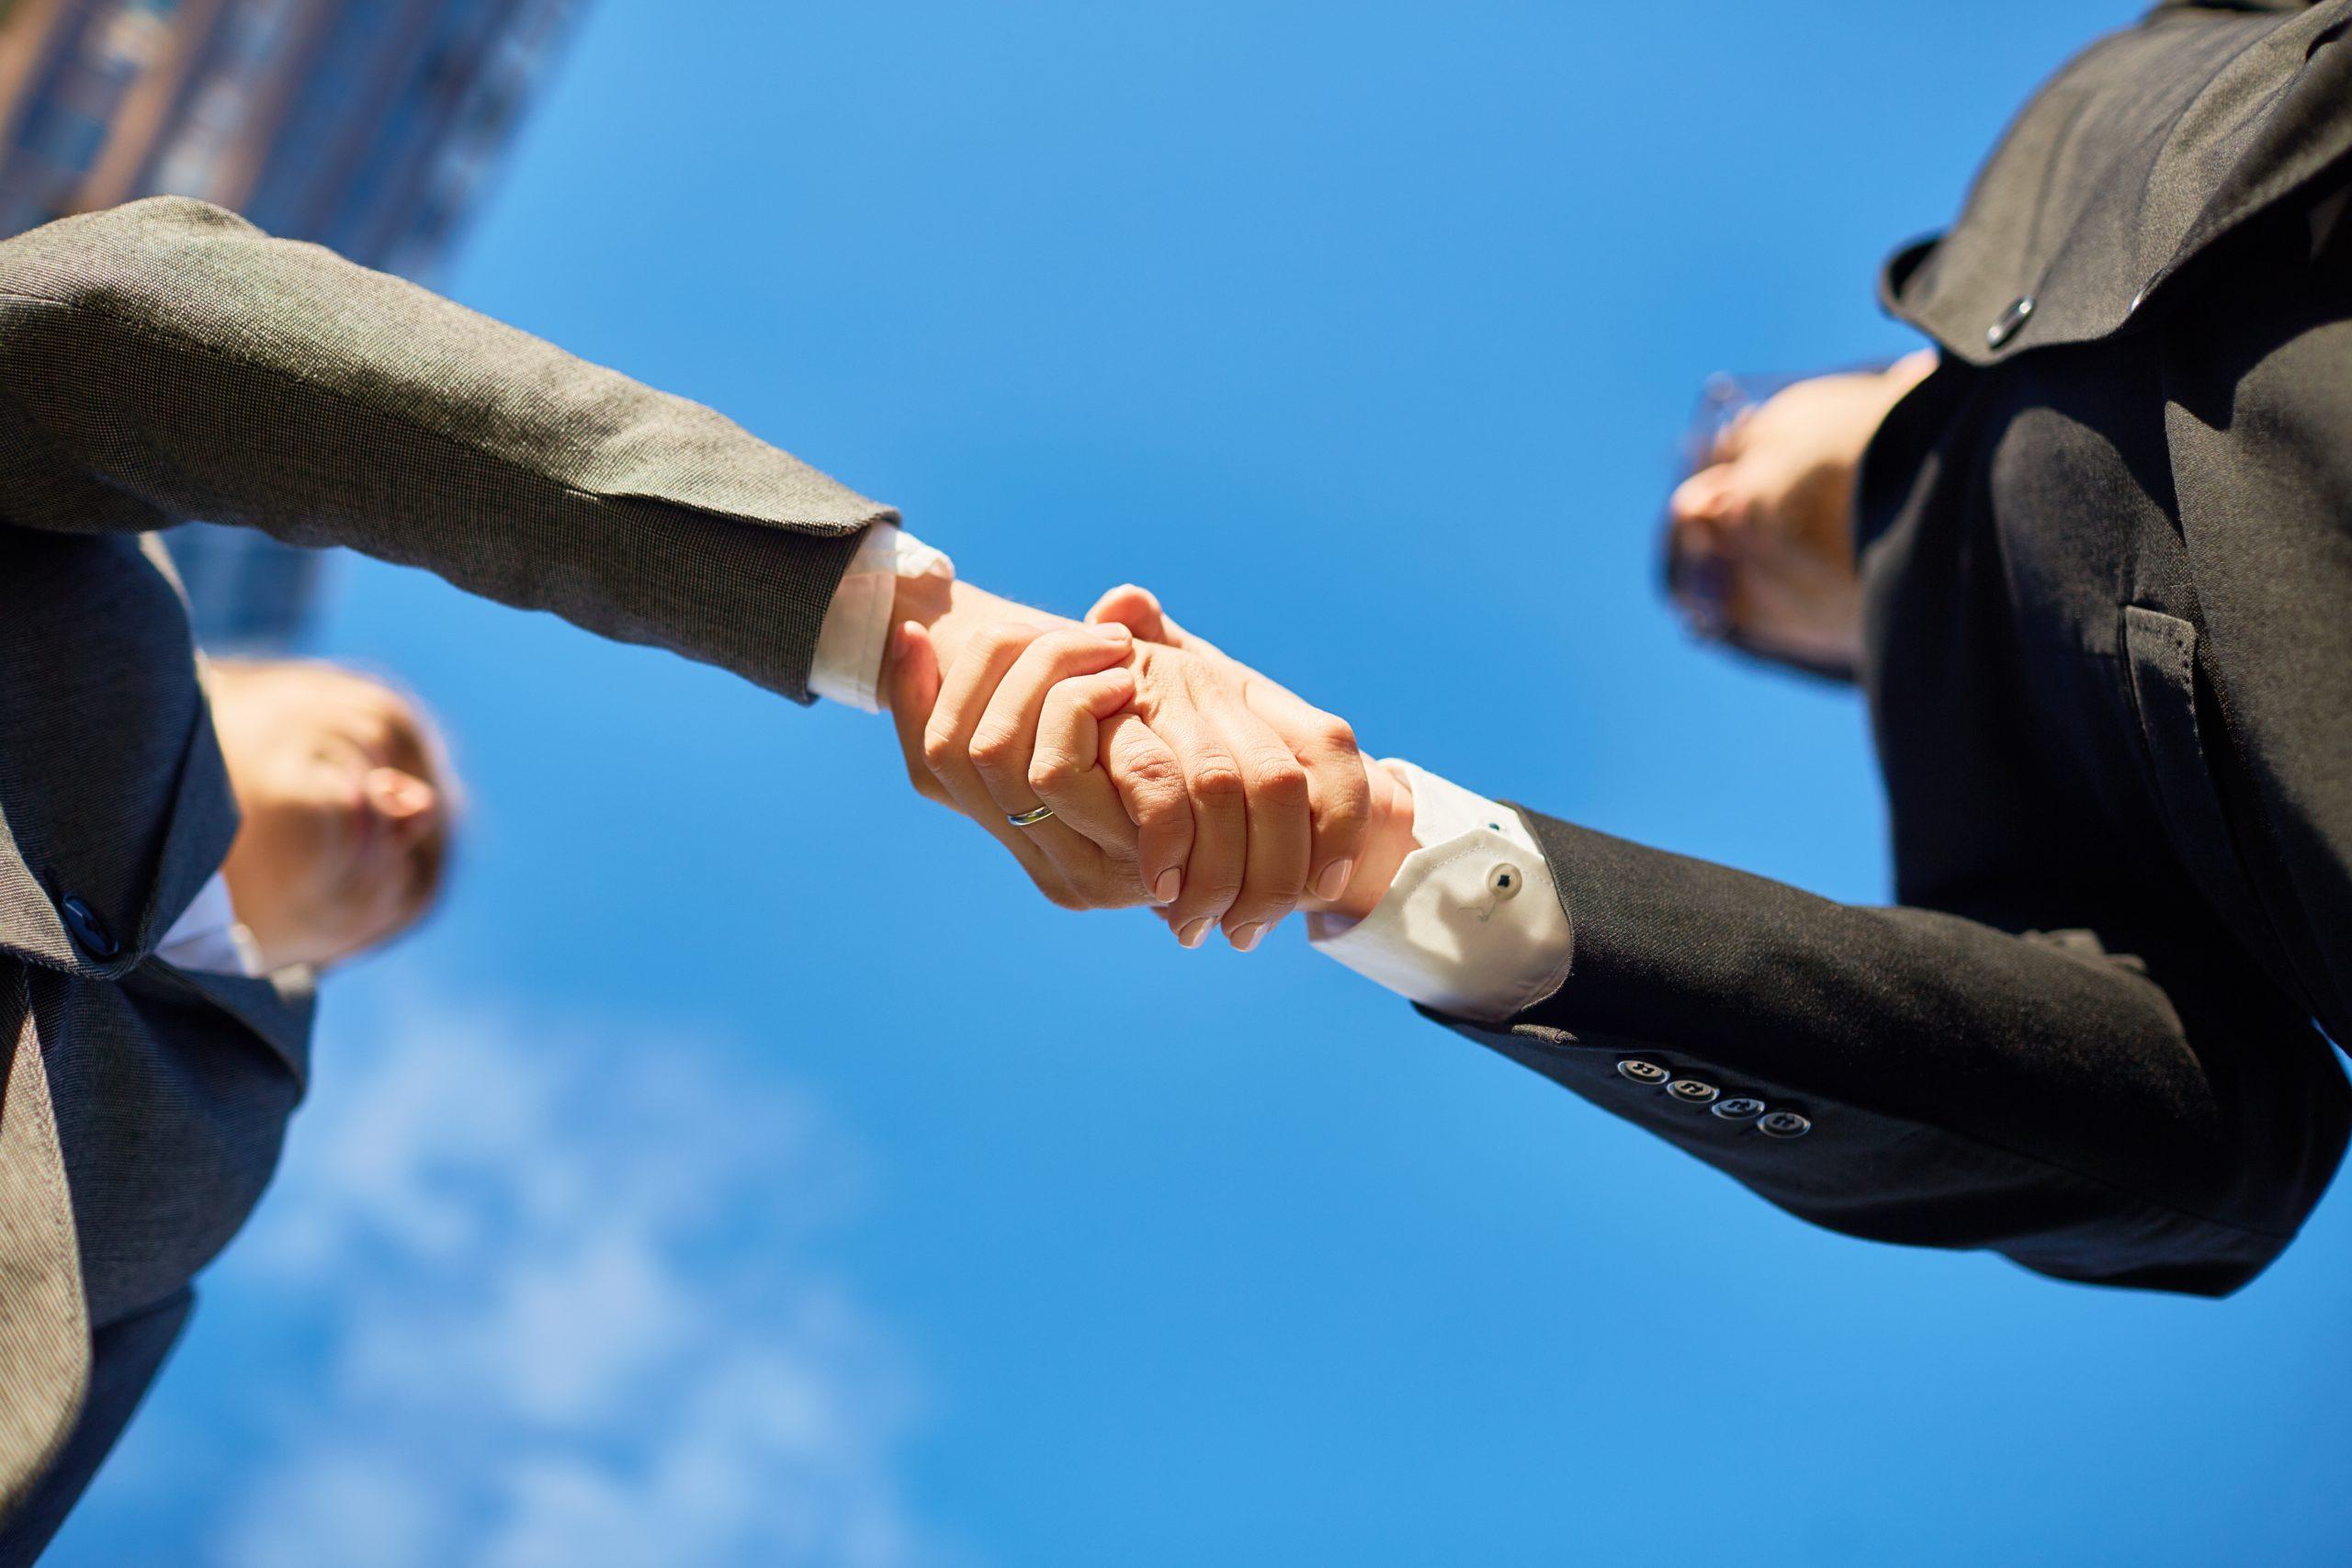 Ilustracija-rukovanje-pri-dogovoru-za-zaposlenje-izvor-freepik.comIlustracija - rukovanje pri dogovoru za zaposlenje, izvor: freepik.com